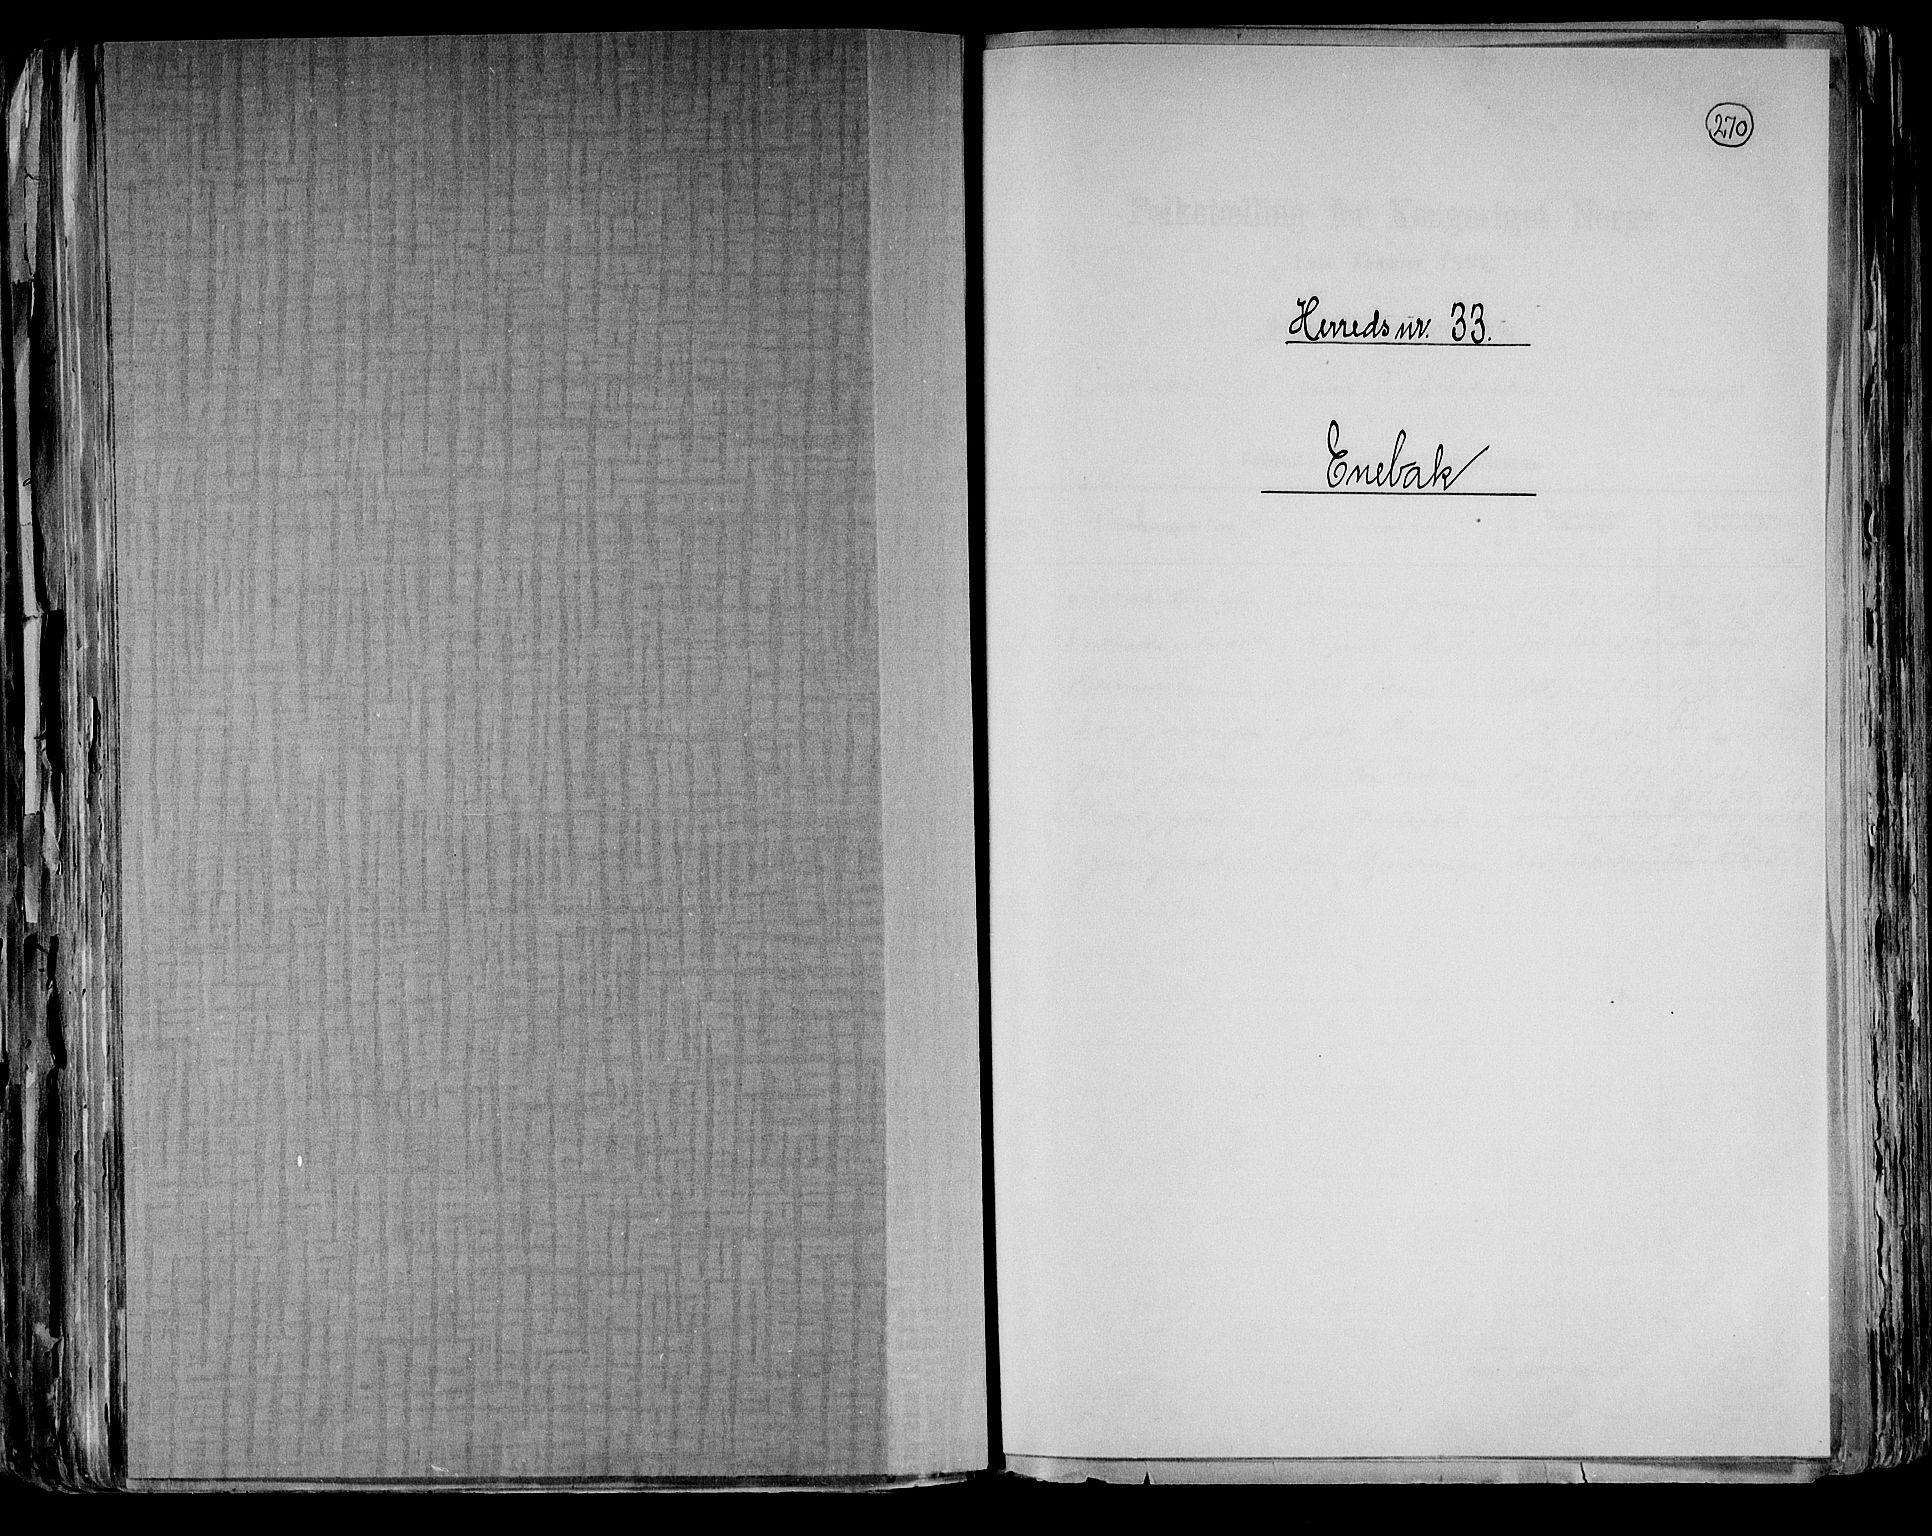 RA, Folketelling 1891 for 0229 Enebakk herred, 1891, s. 1